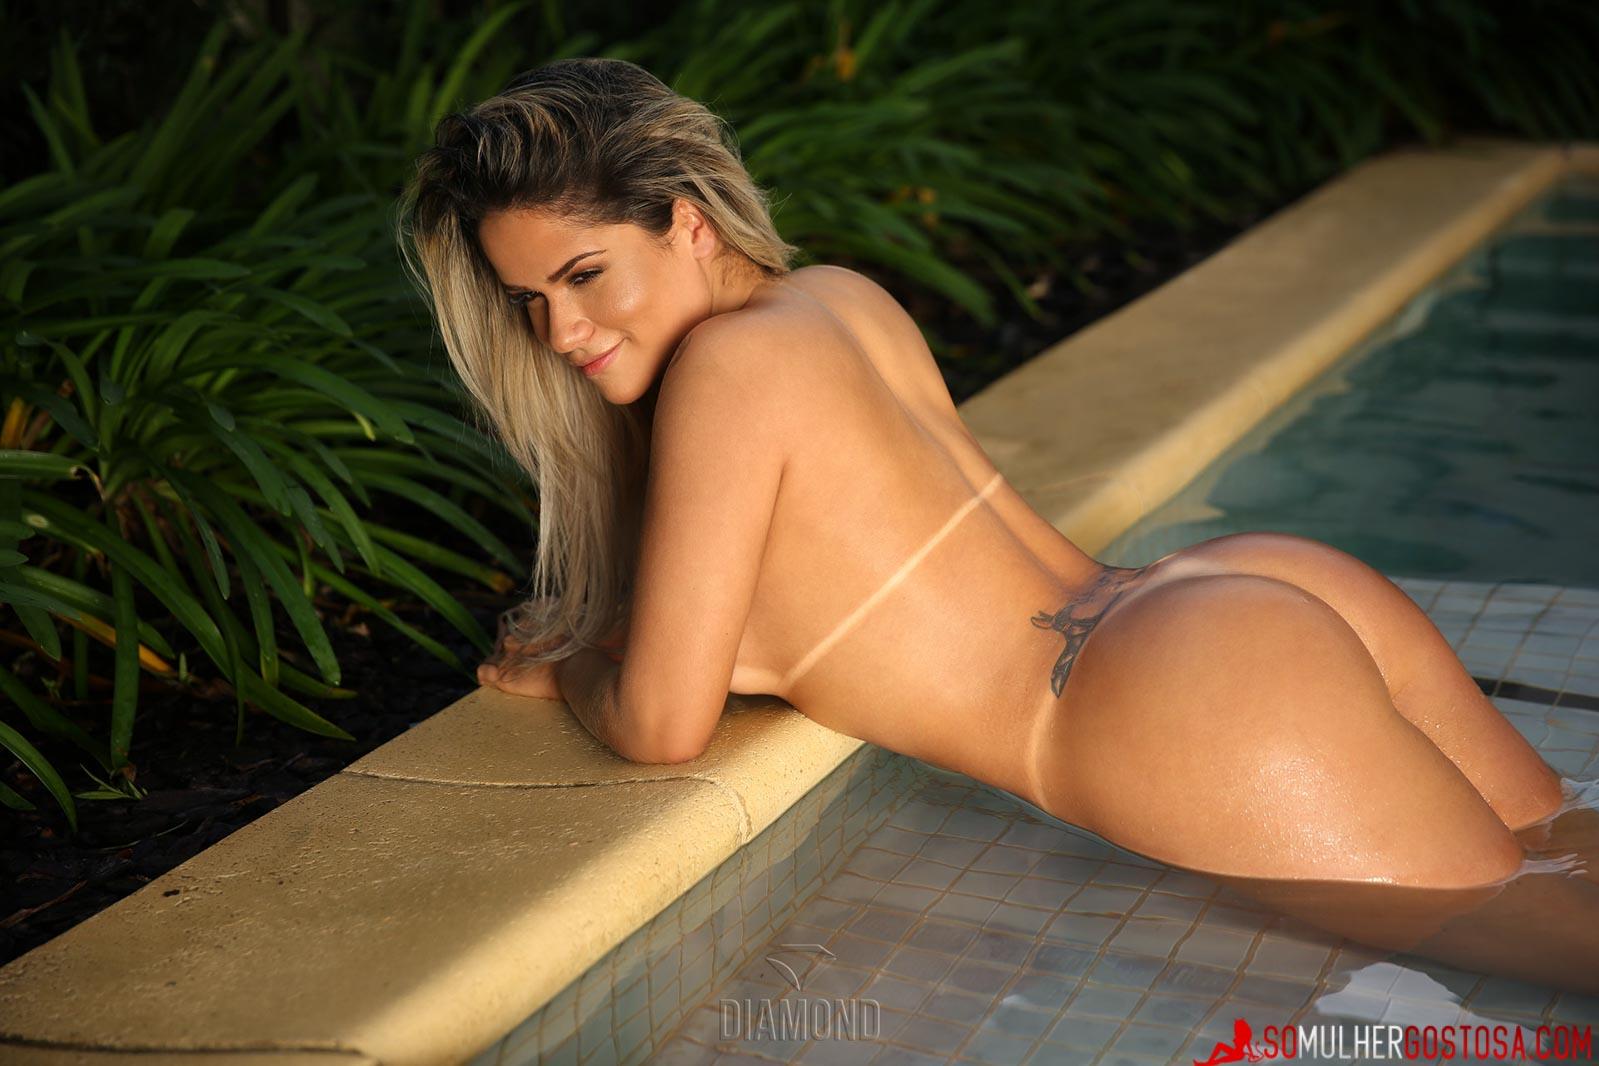 Diamond Brazil 30 fotos nuas com várias modelos gostosas 16